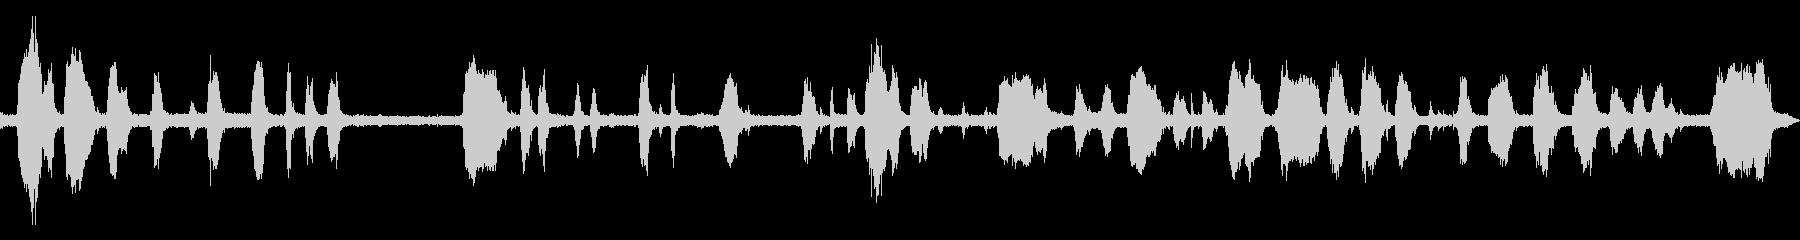 工事の音が入っている環境音の未再生の波形